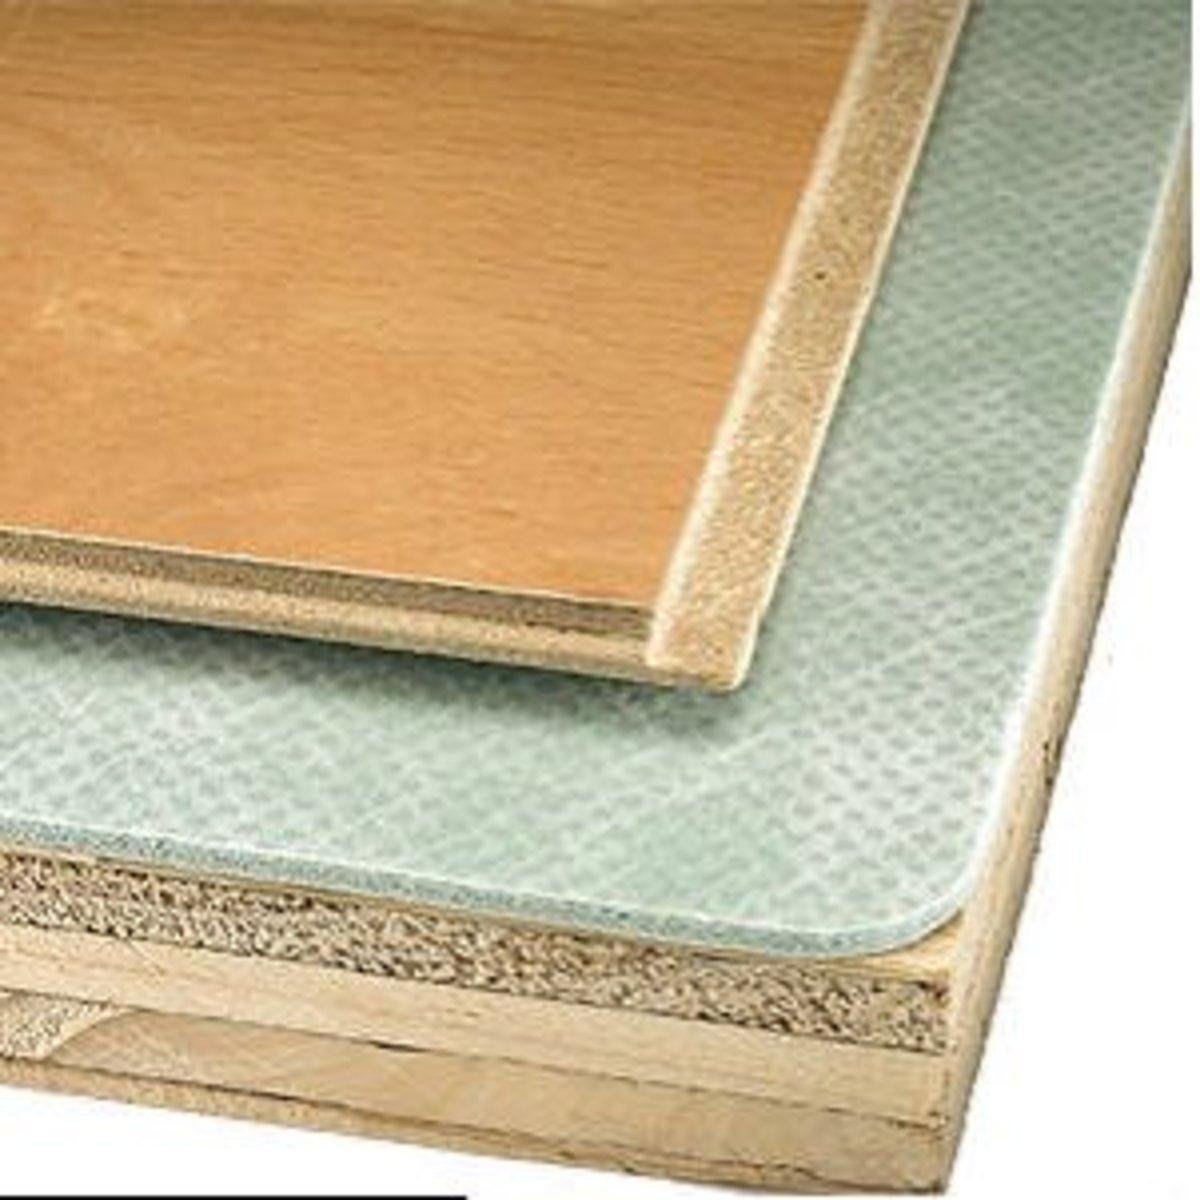 FloorOne.com - Laminate Flooring, Hardwood Floors and Area Rugs at